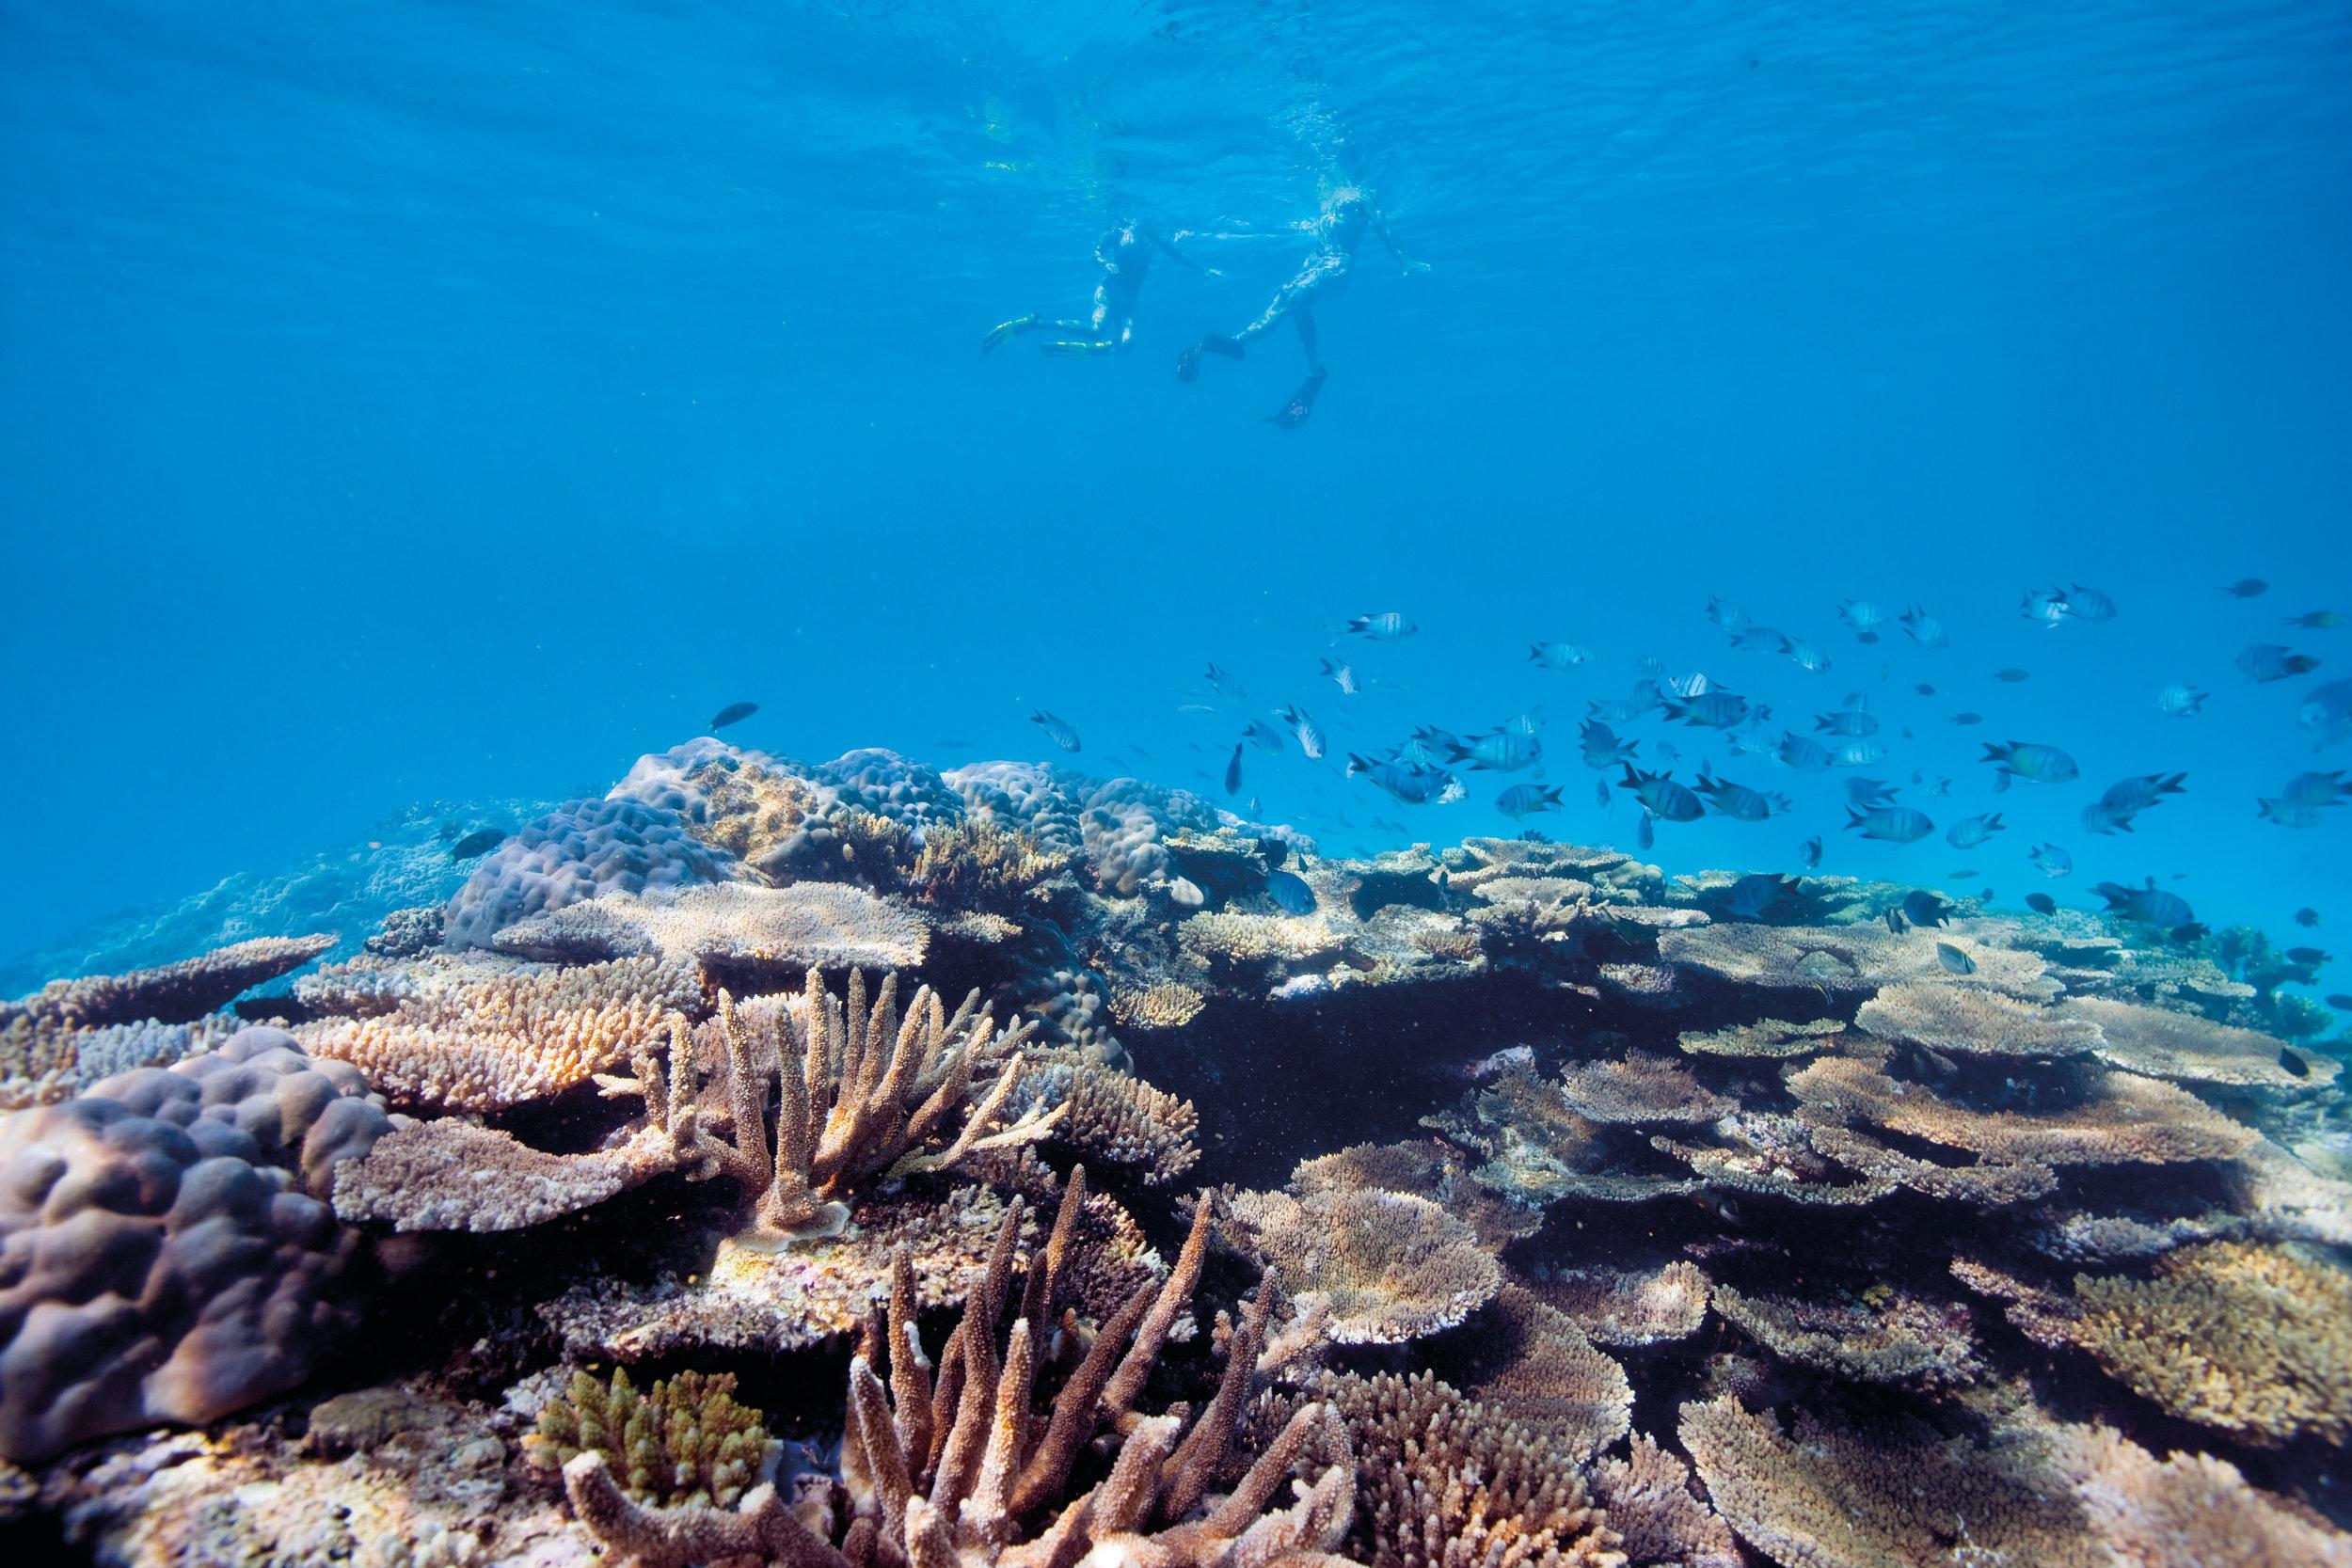 105826-634 Snorkelling_Coral_Great Barrier Reef.jpg